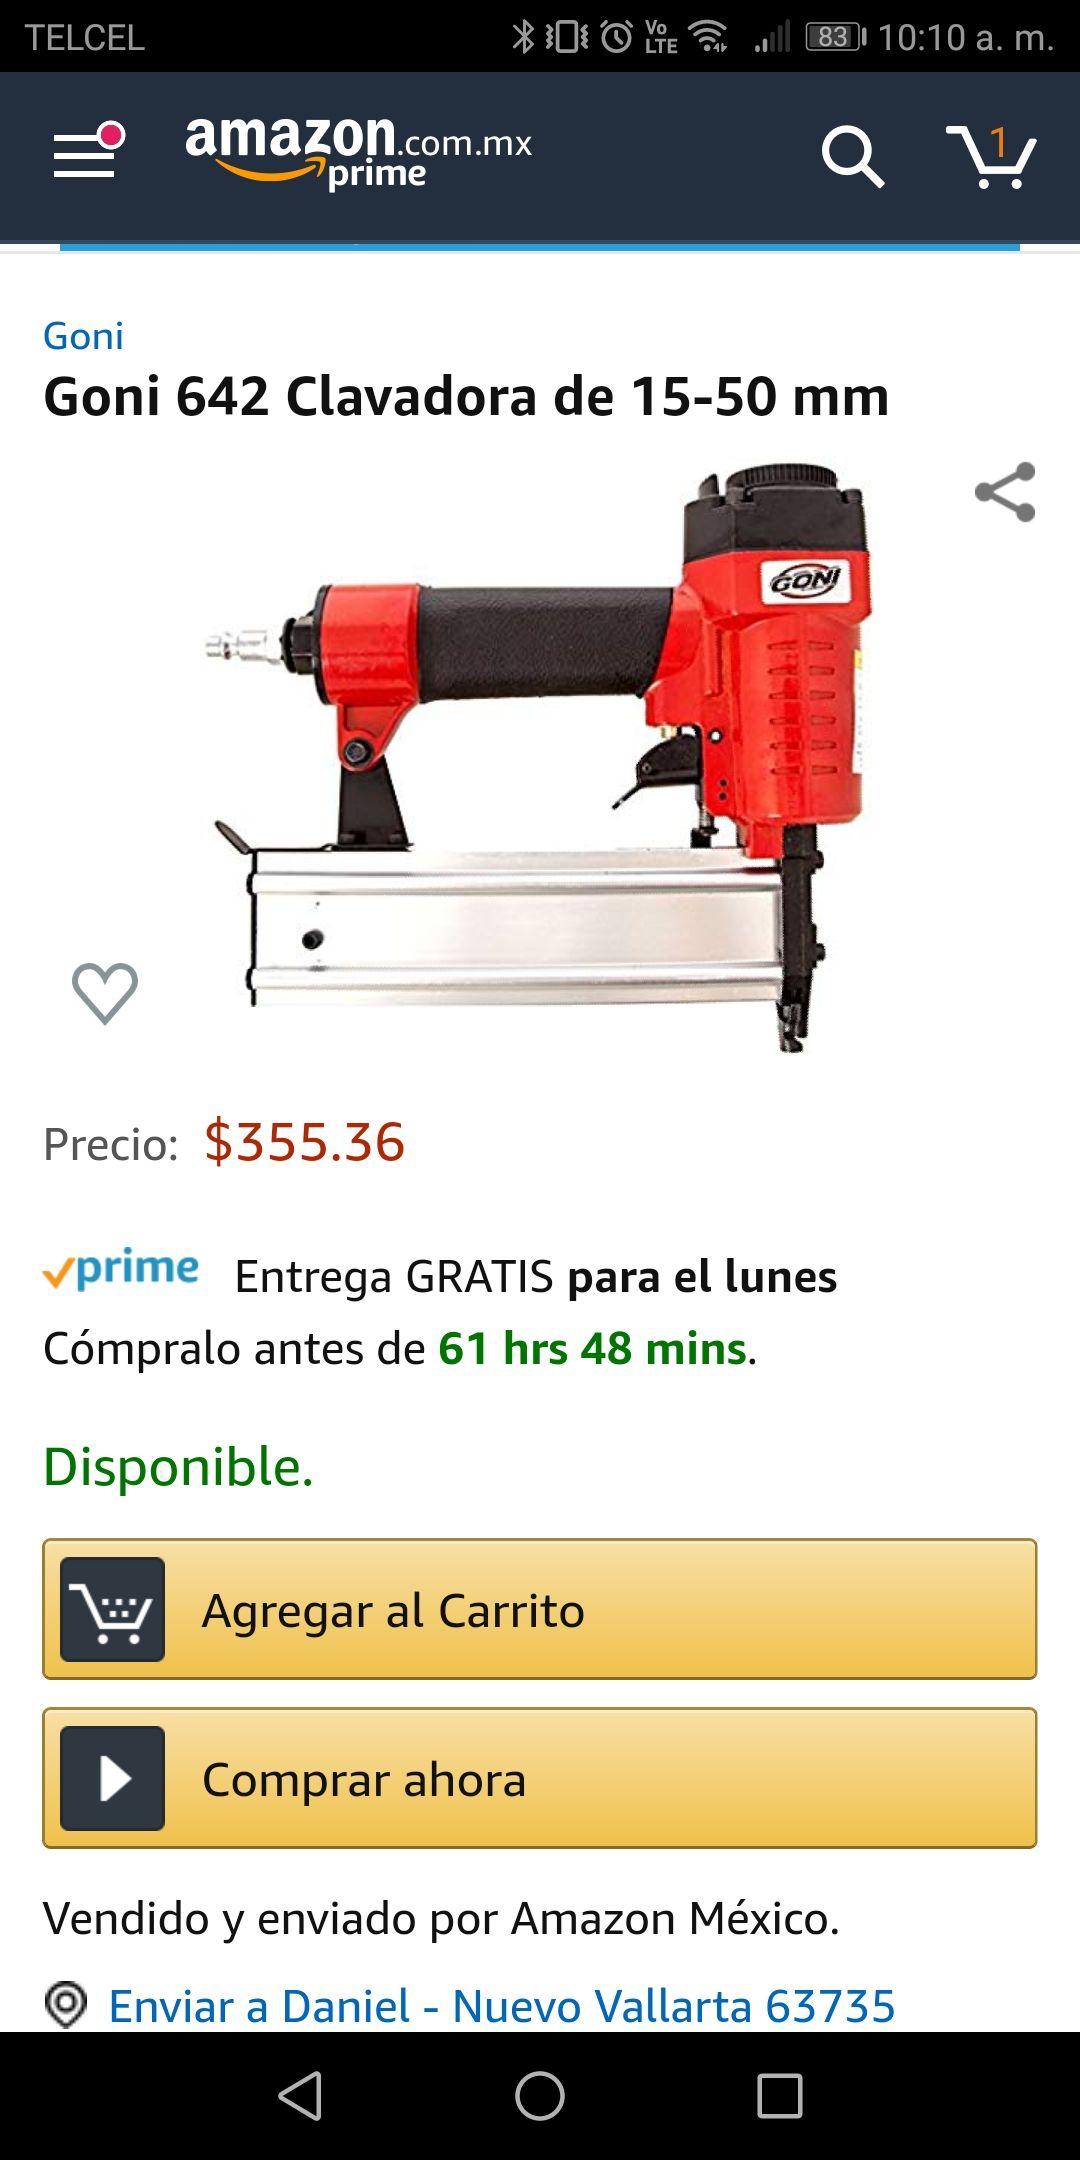 Amazon: Goni 642 Clavadora de 15-50 mm